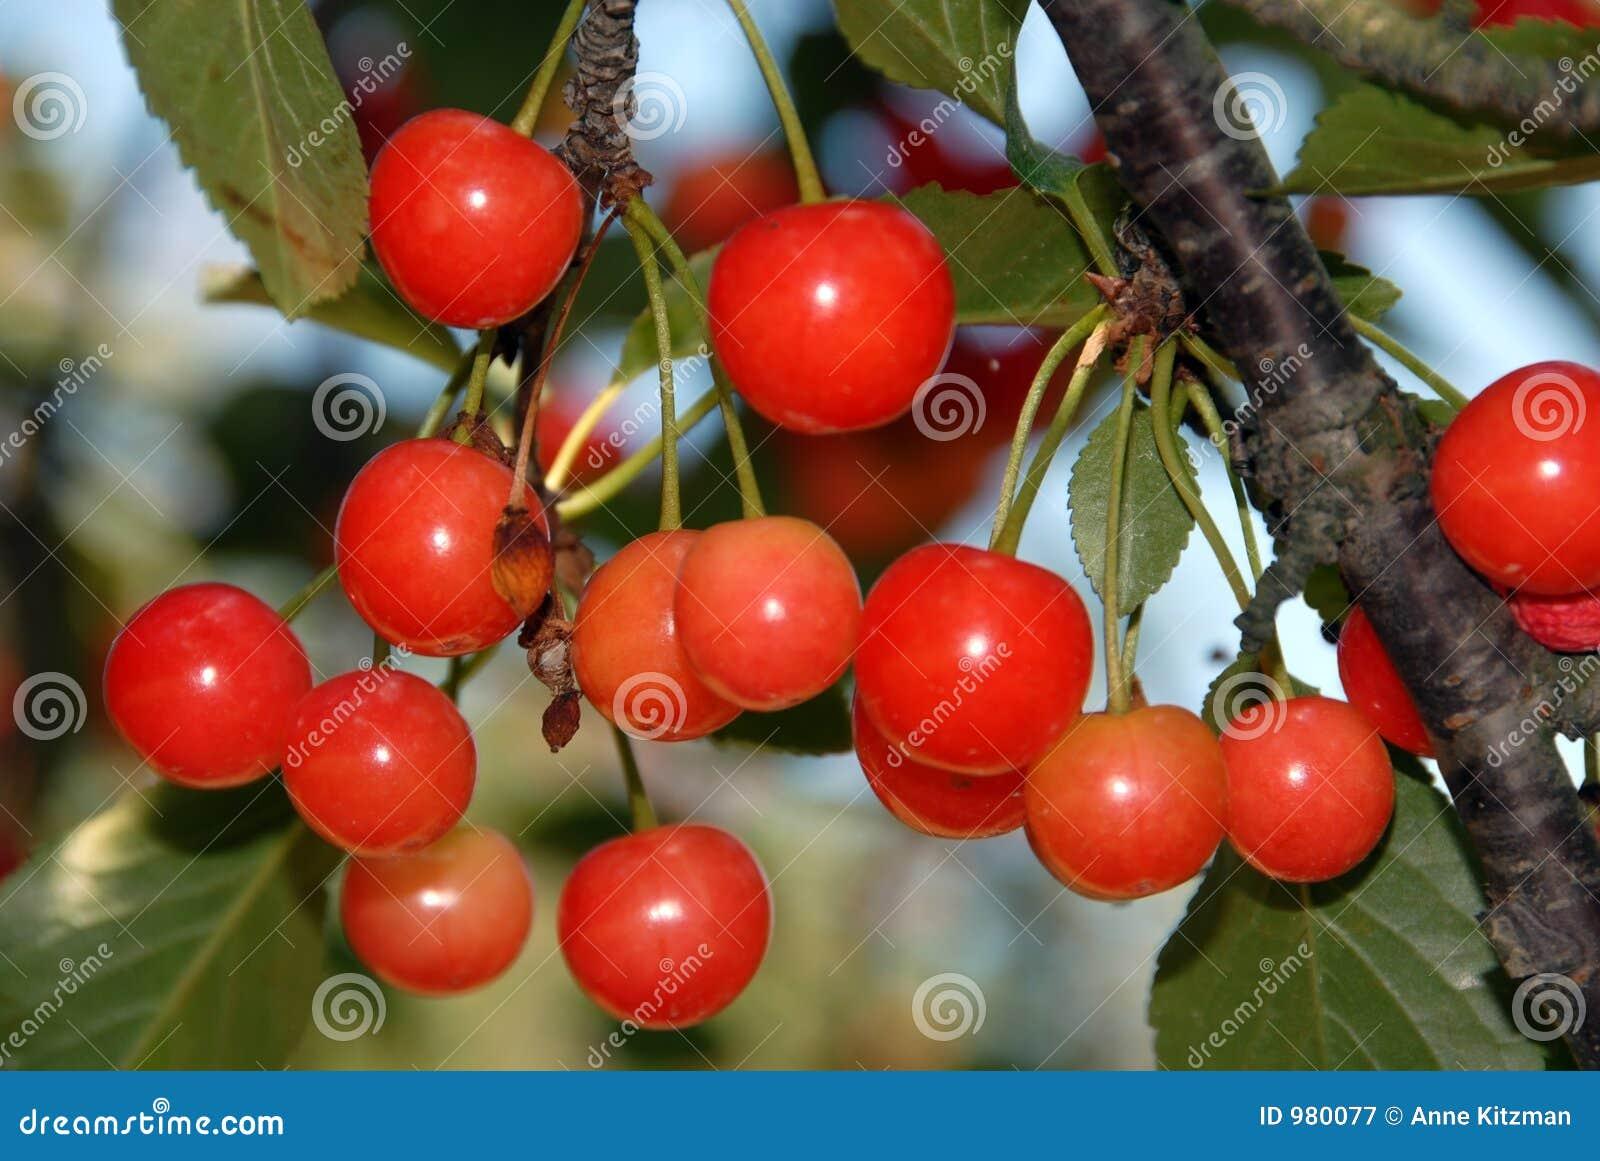 Kirschen auf dem Baum